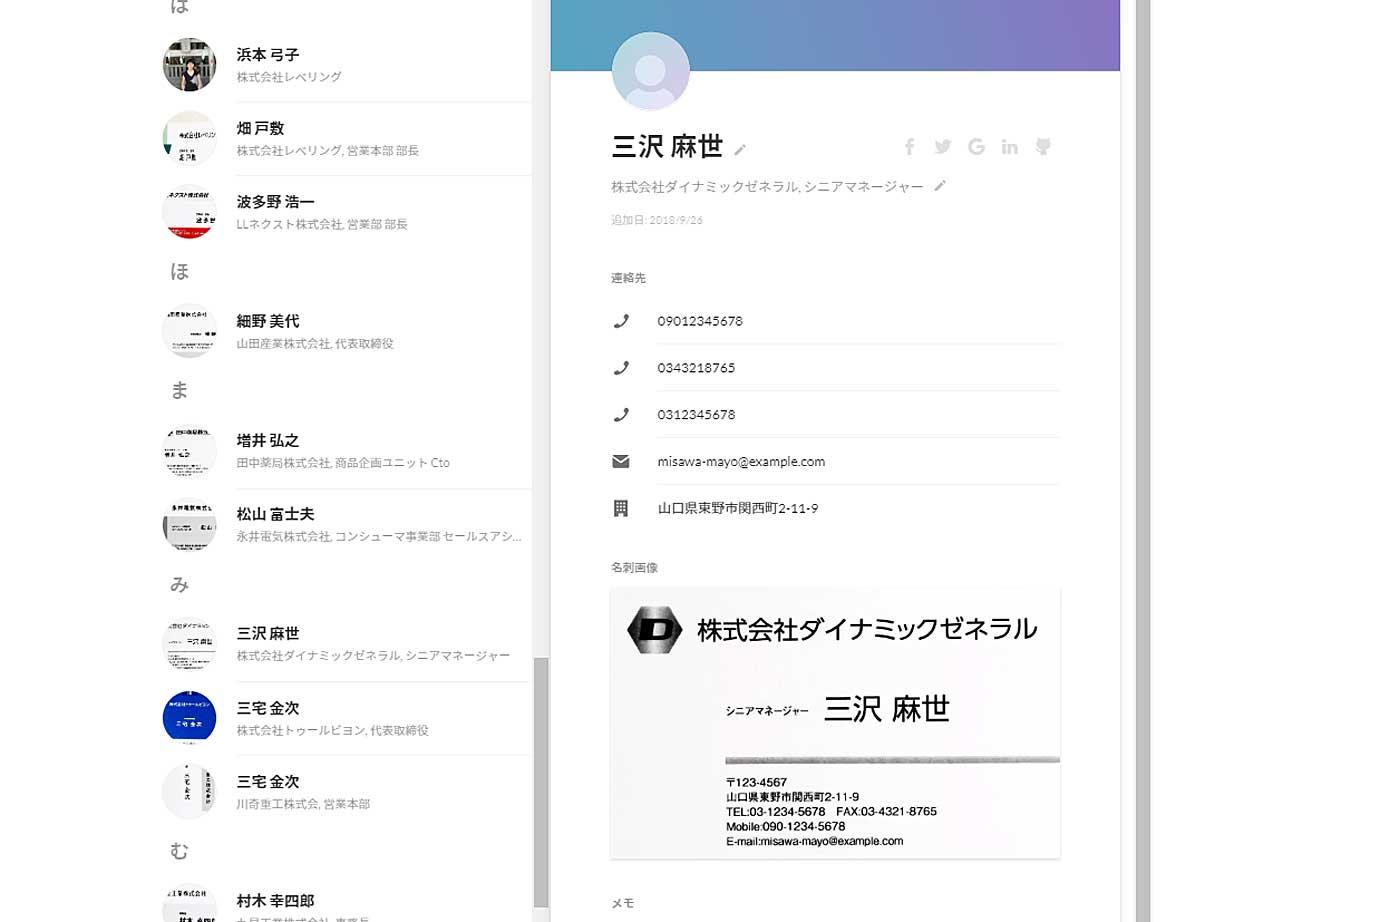 PC版では名刺は取り込めませんが、名刺データの閲覧やインポートとエクスポートができます。